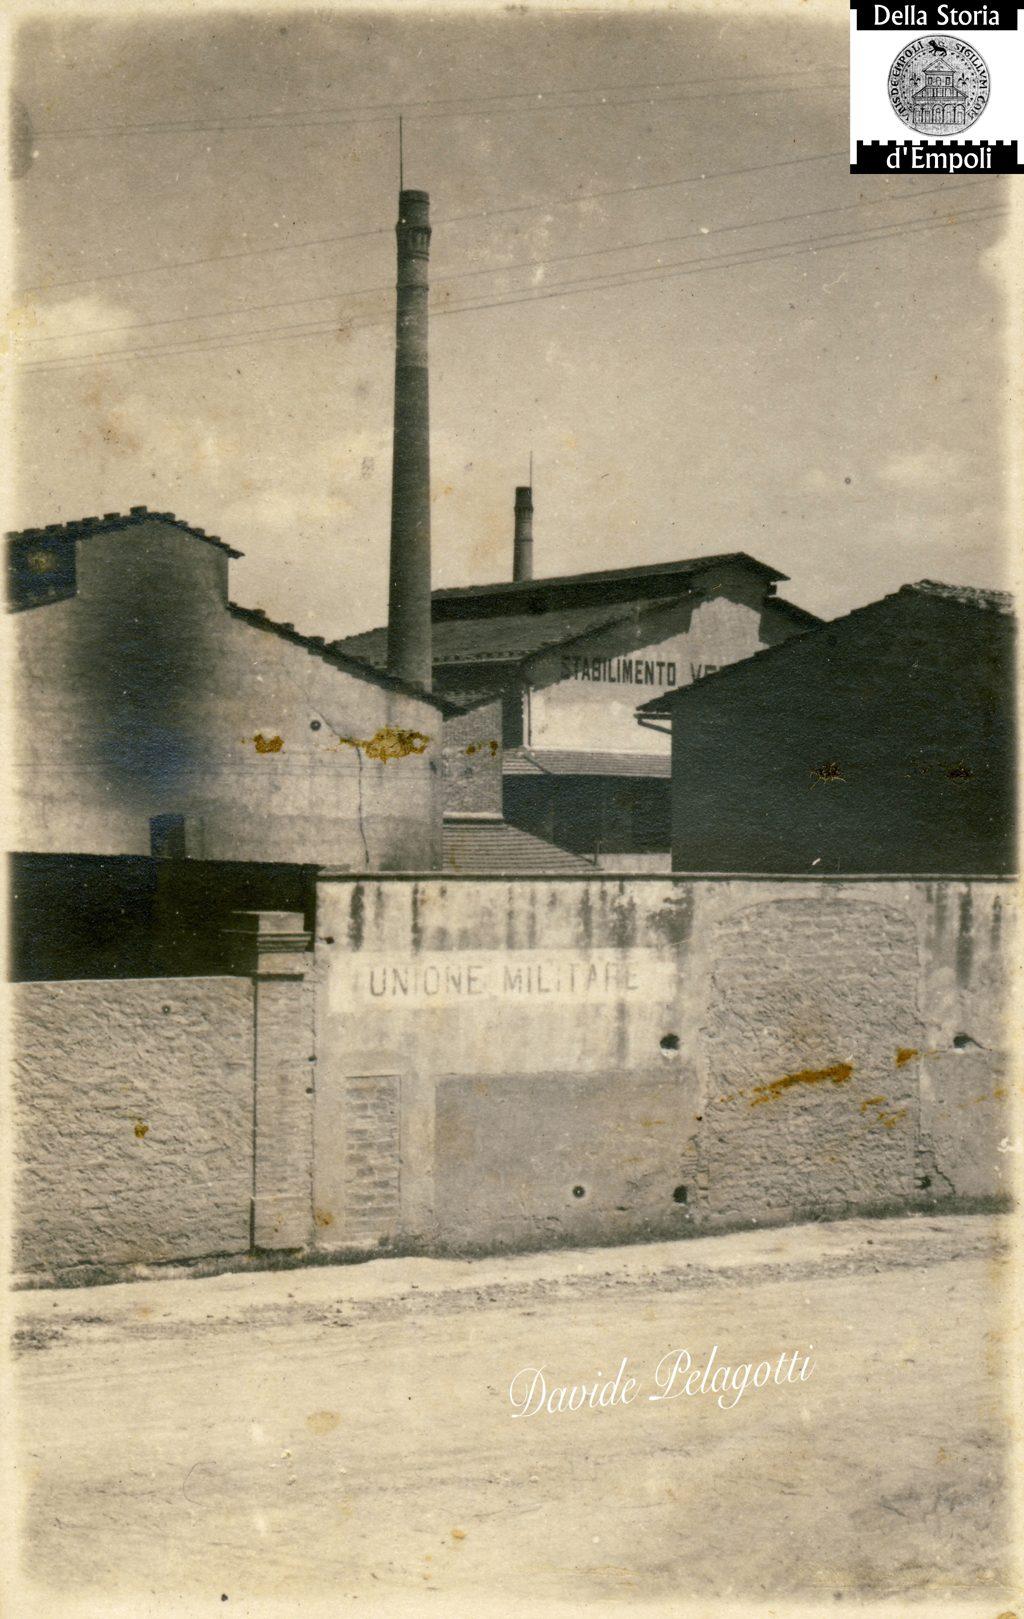 Empoli – Vetreria SVE Unione Militare Da Davide Pelagotti